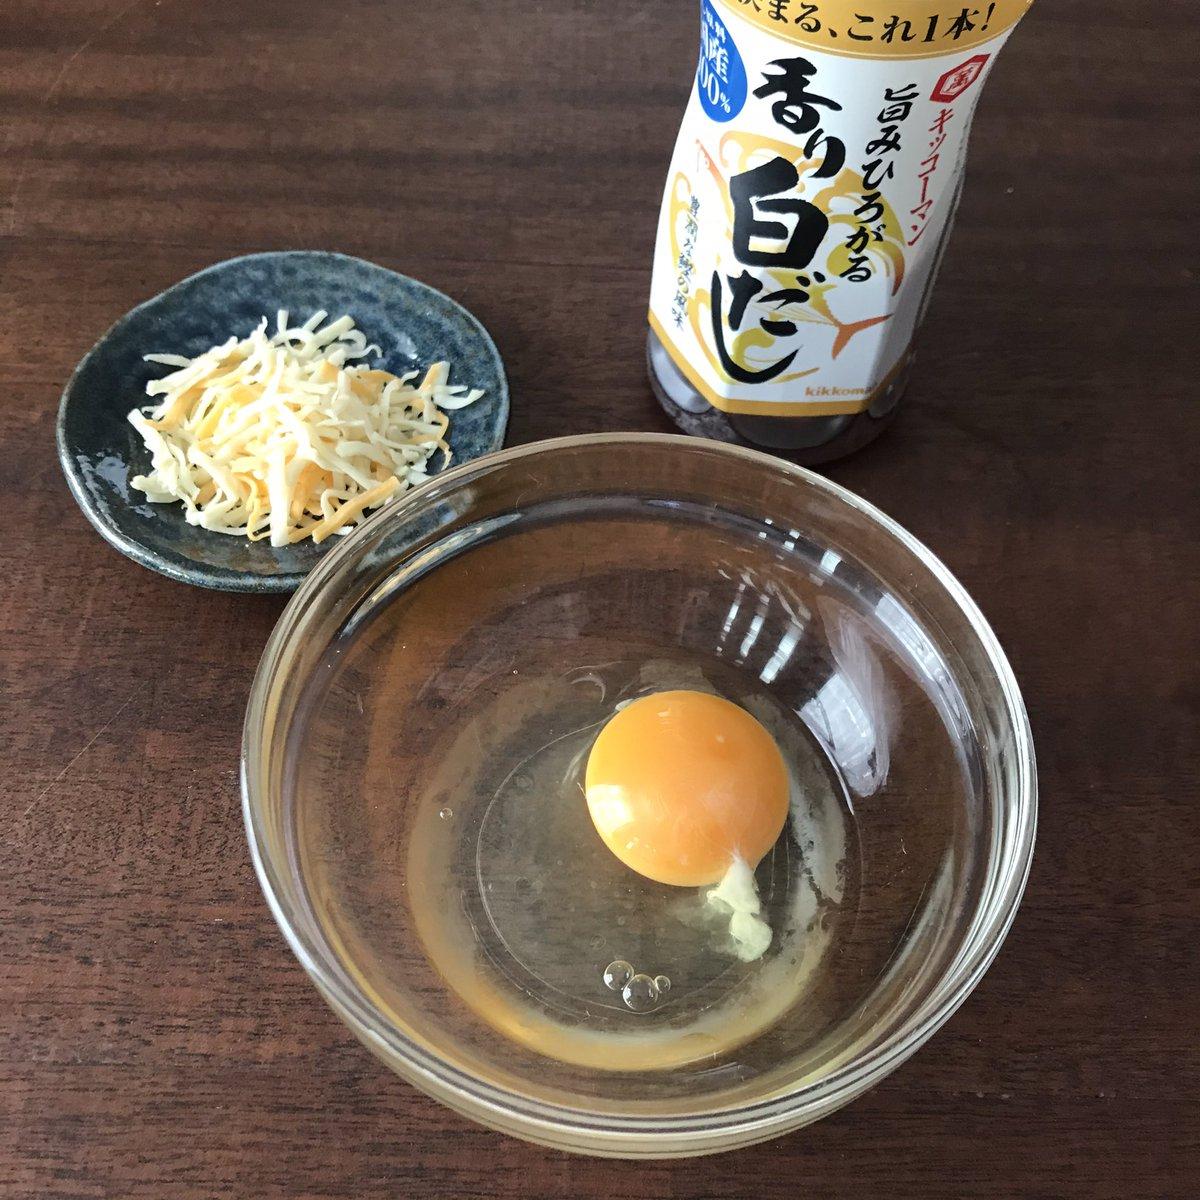 チーズ好きの方には特におすすめ!とろとろ&ふわふわの卵チーズ丼の作り方!